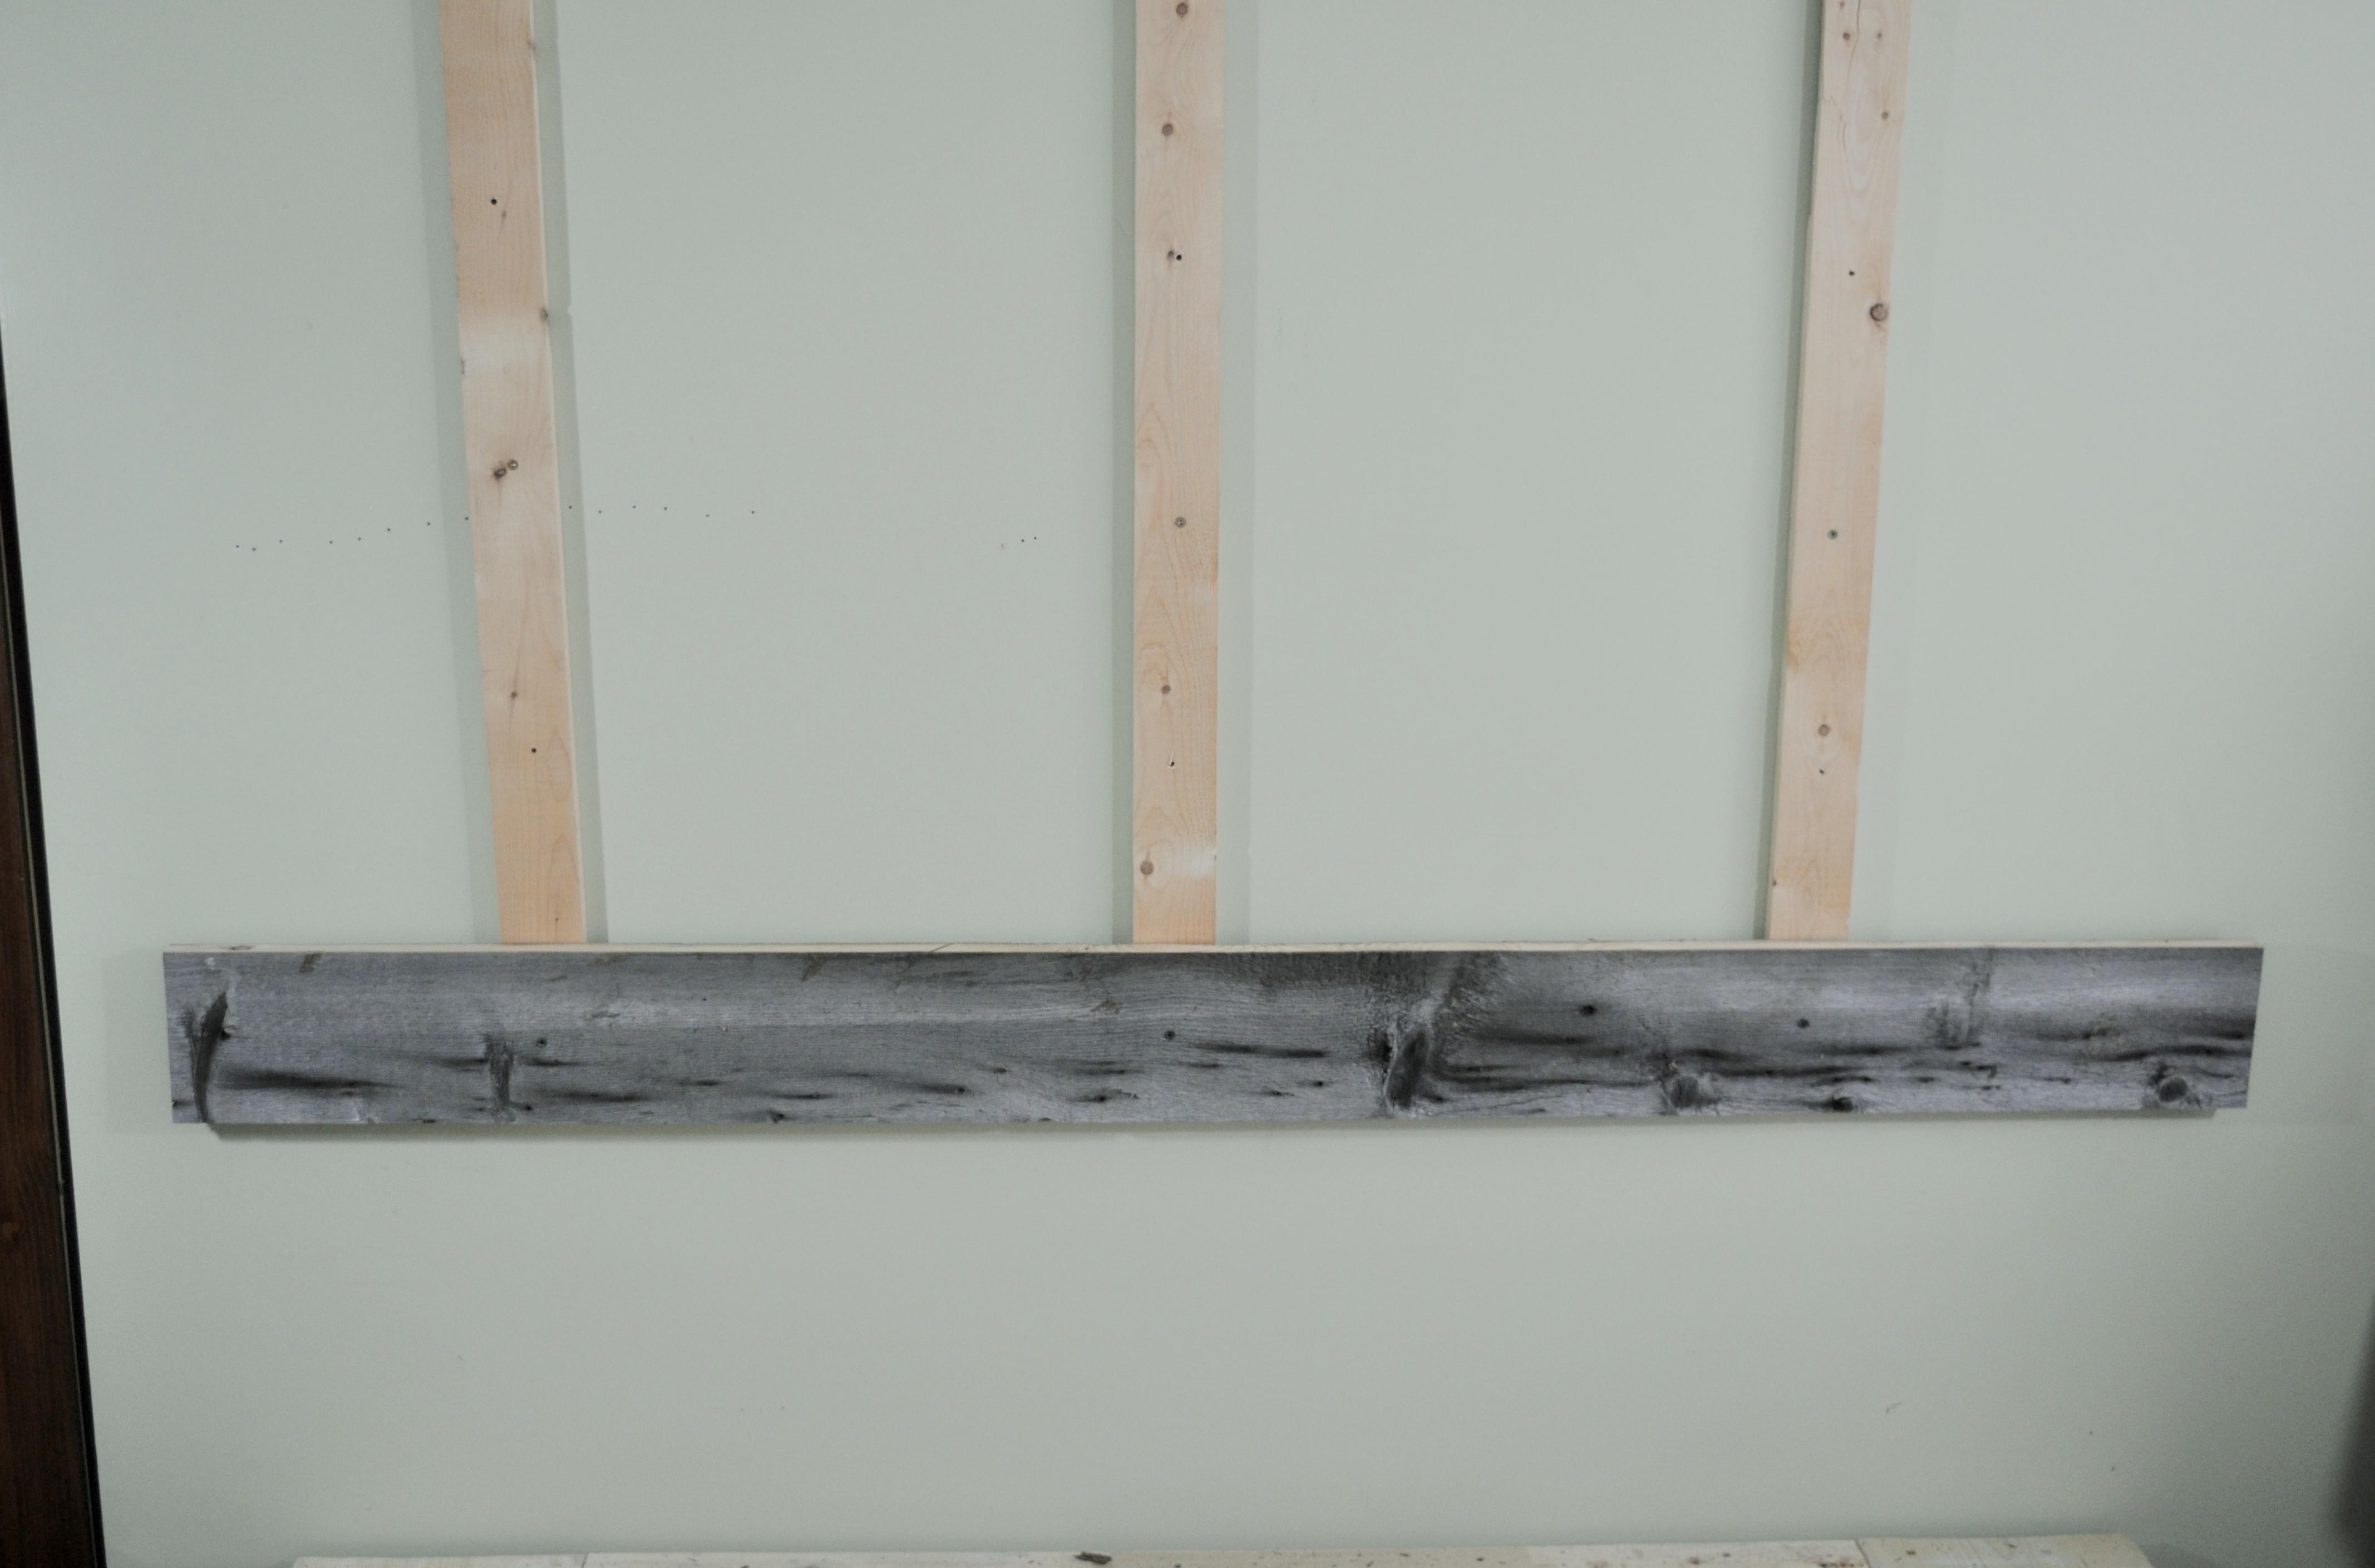 diy hardwood flooring headboard of reclaimed wood headboard diy installation made from real barn wood pertaining to diy reclaimed wood headboard